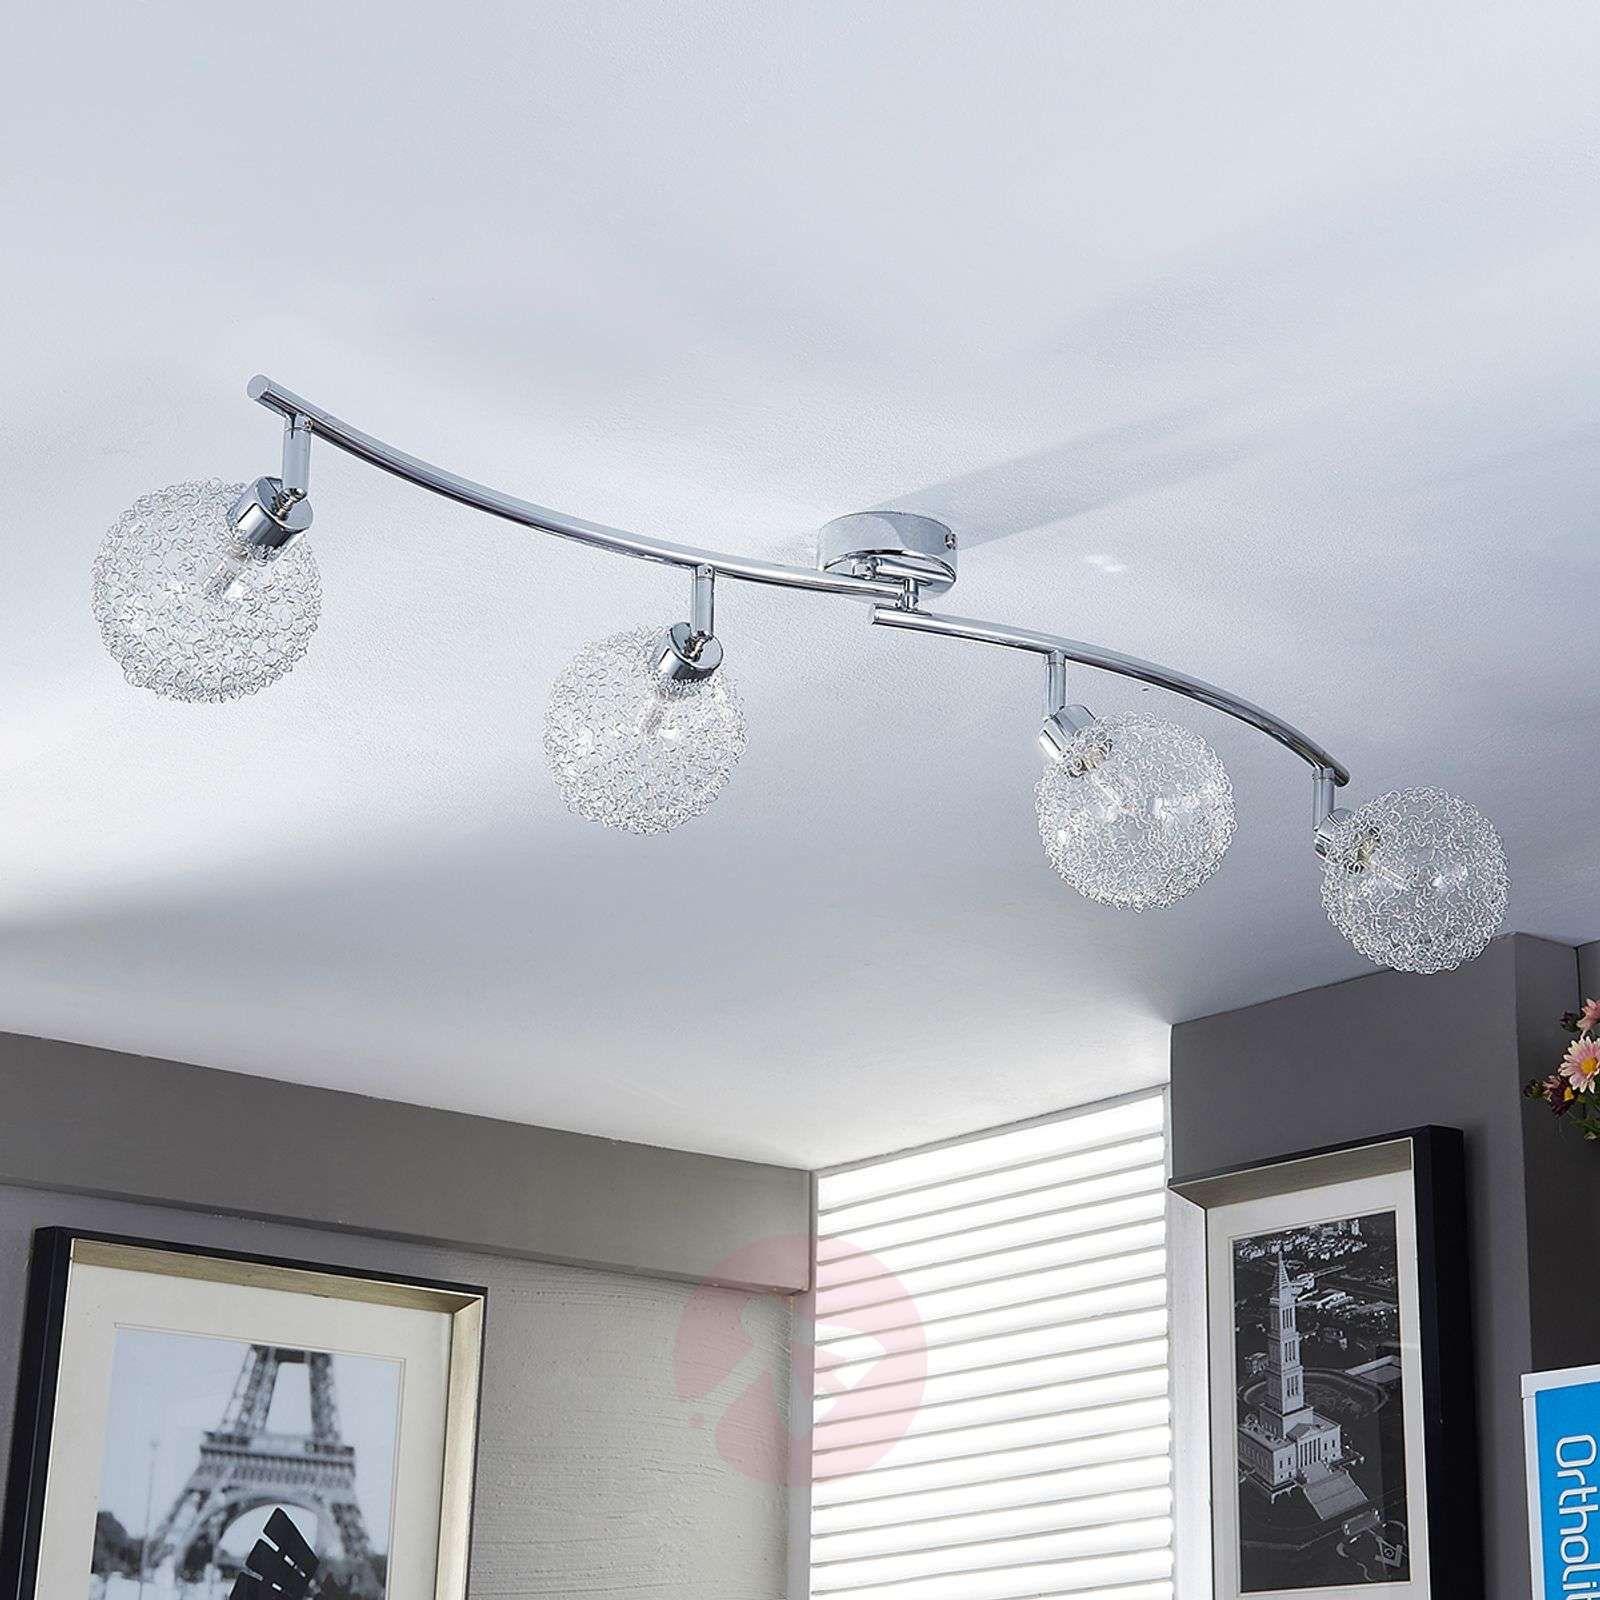 Falowana Lampa Sufitowa G9 Ticino Z Led With Images Lampa